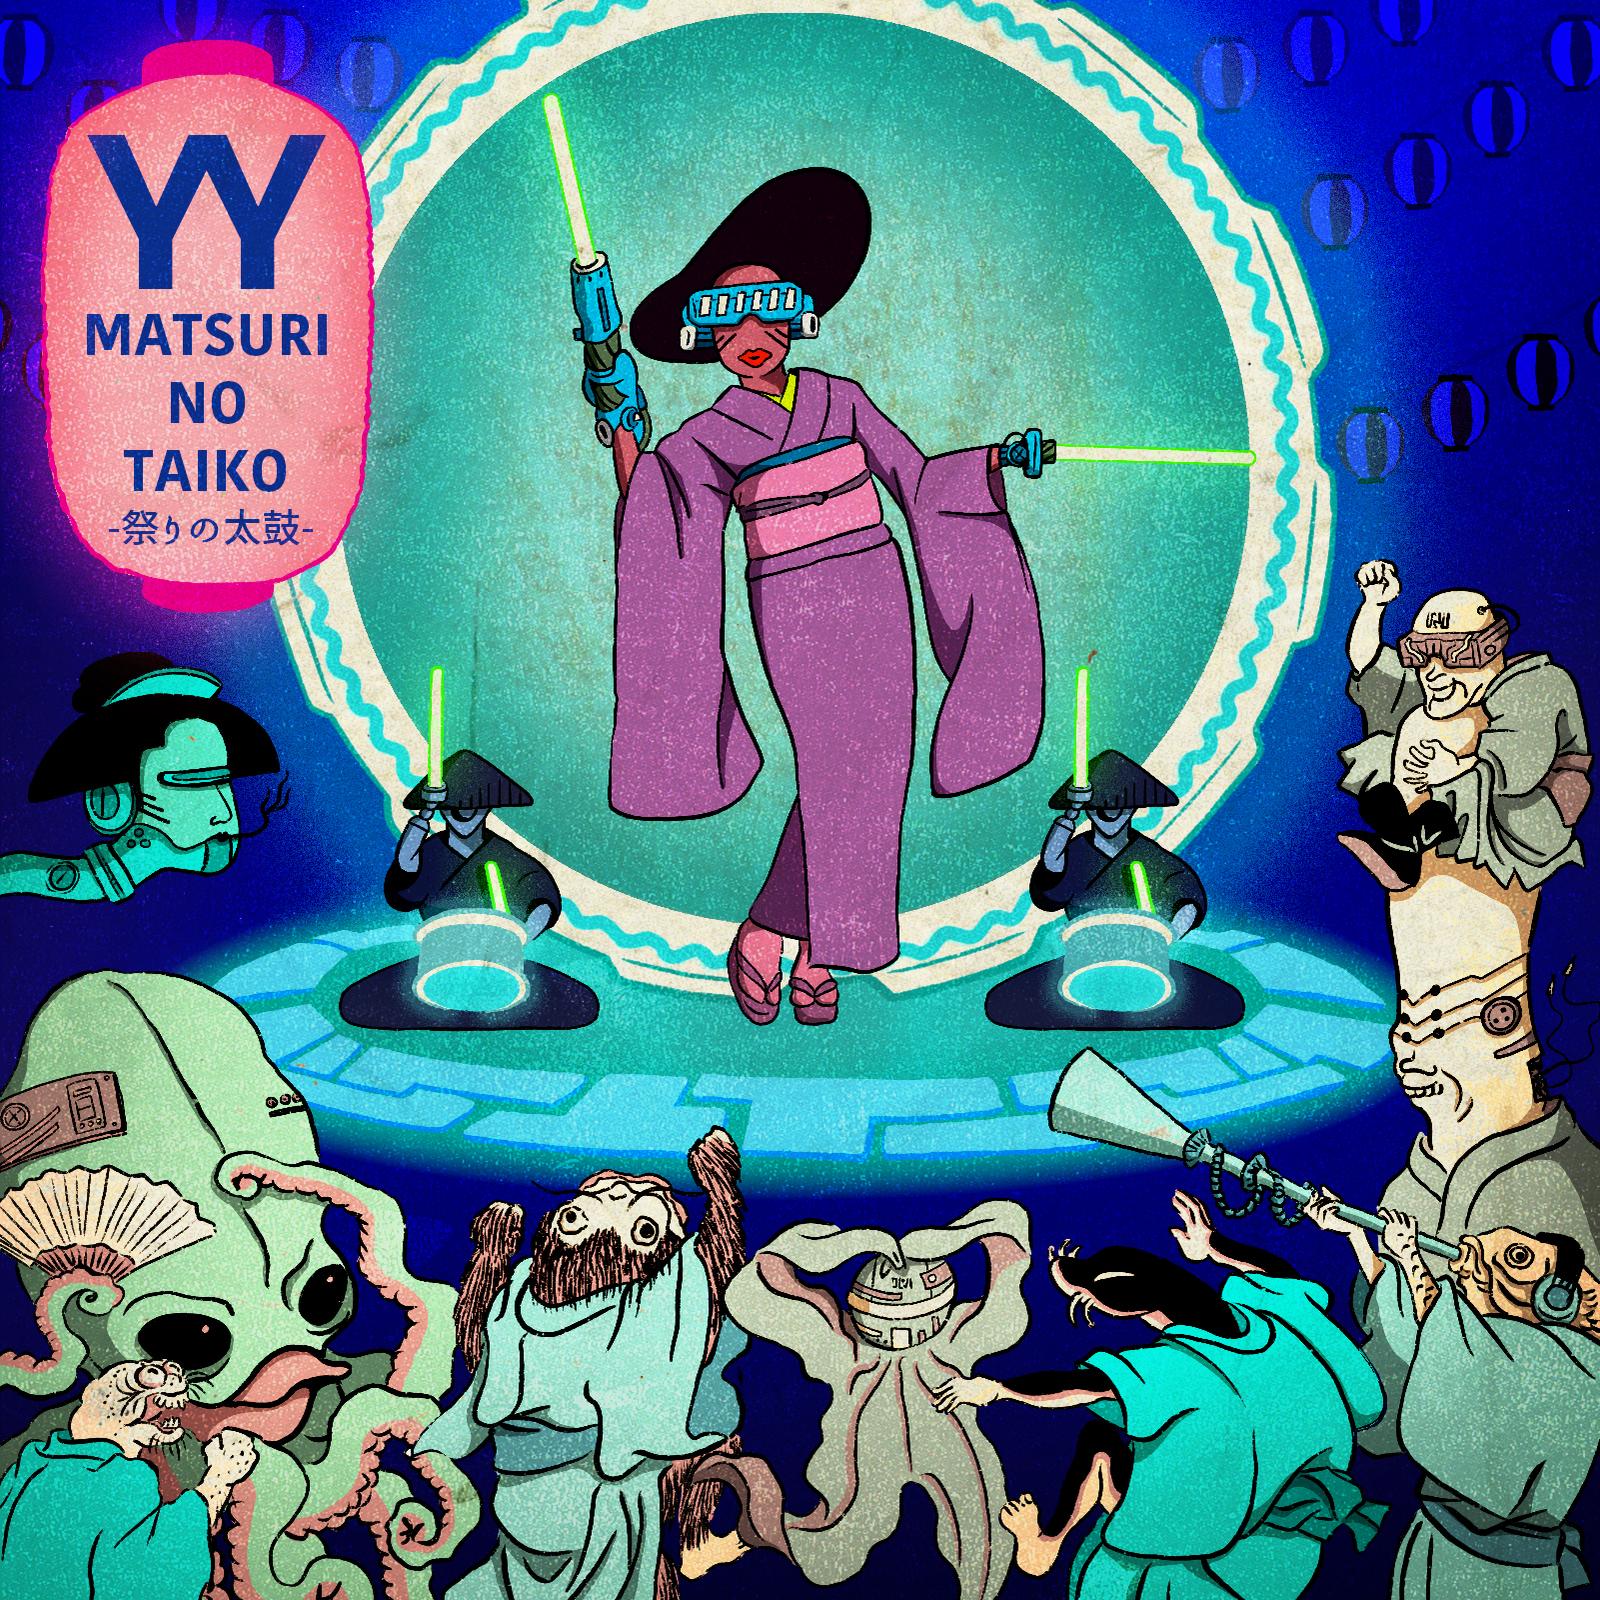 MATSURI NO TAIKO 祭りの太鼓 (2018)